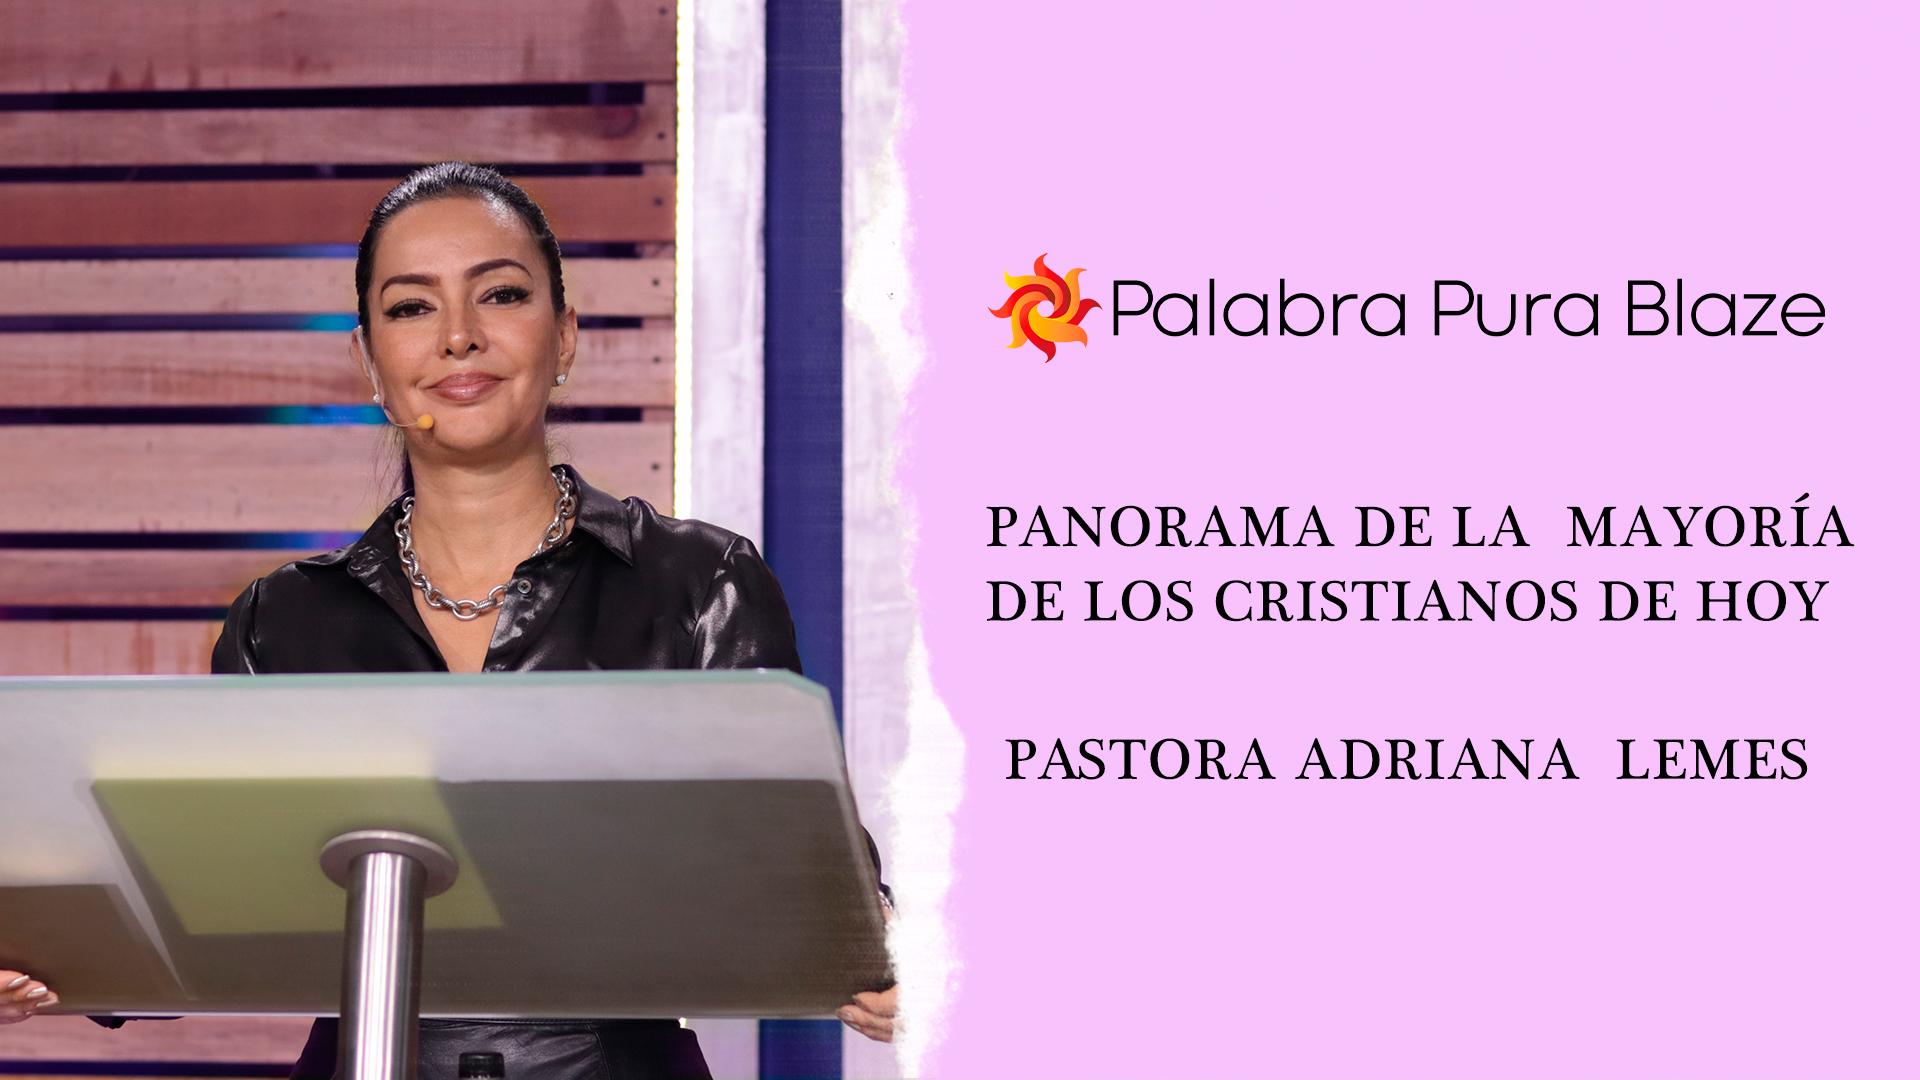 PANORAMA DE LA MAYORÍA DE LOS CRISTIANOS DE HOY